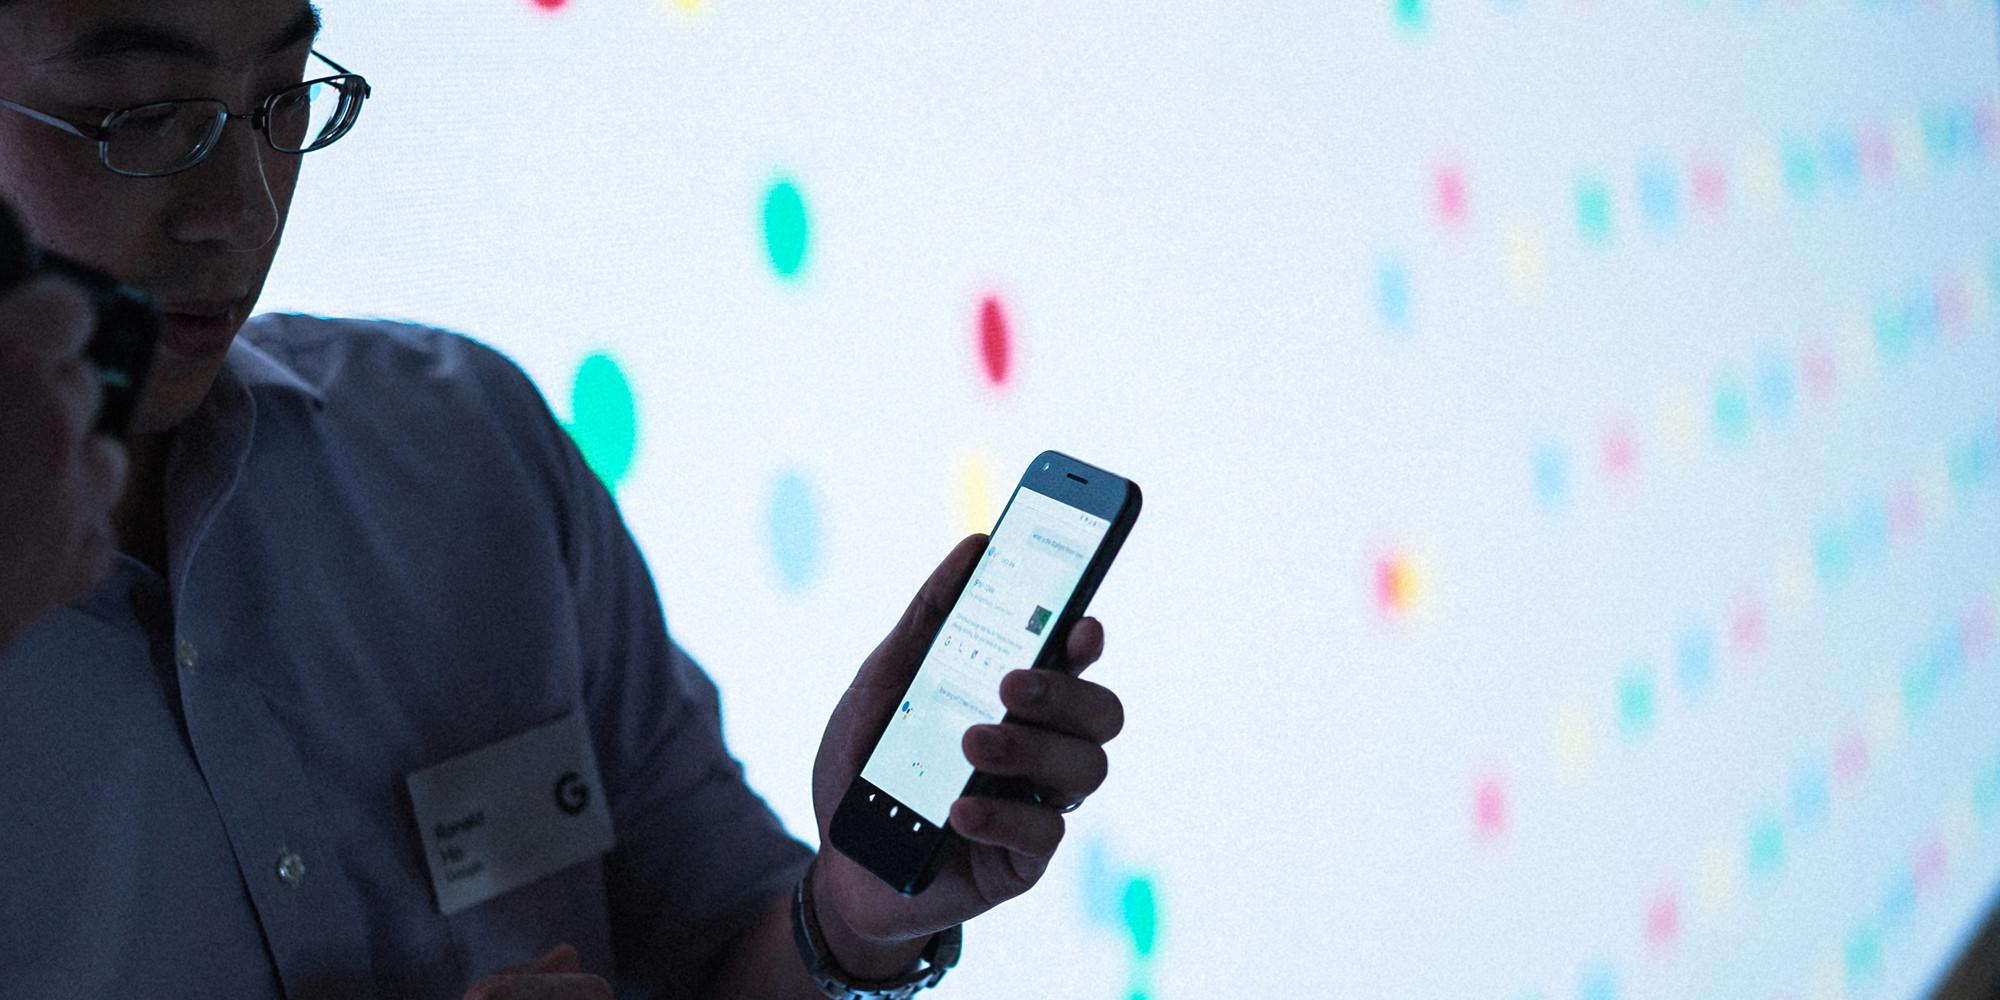 Google's Pixel Launch-1.jpg